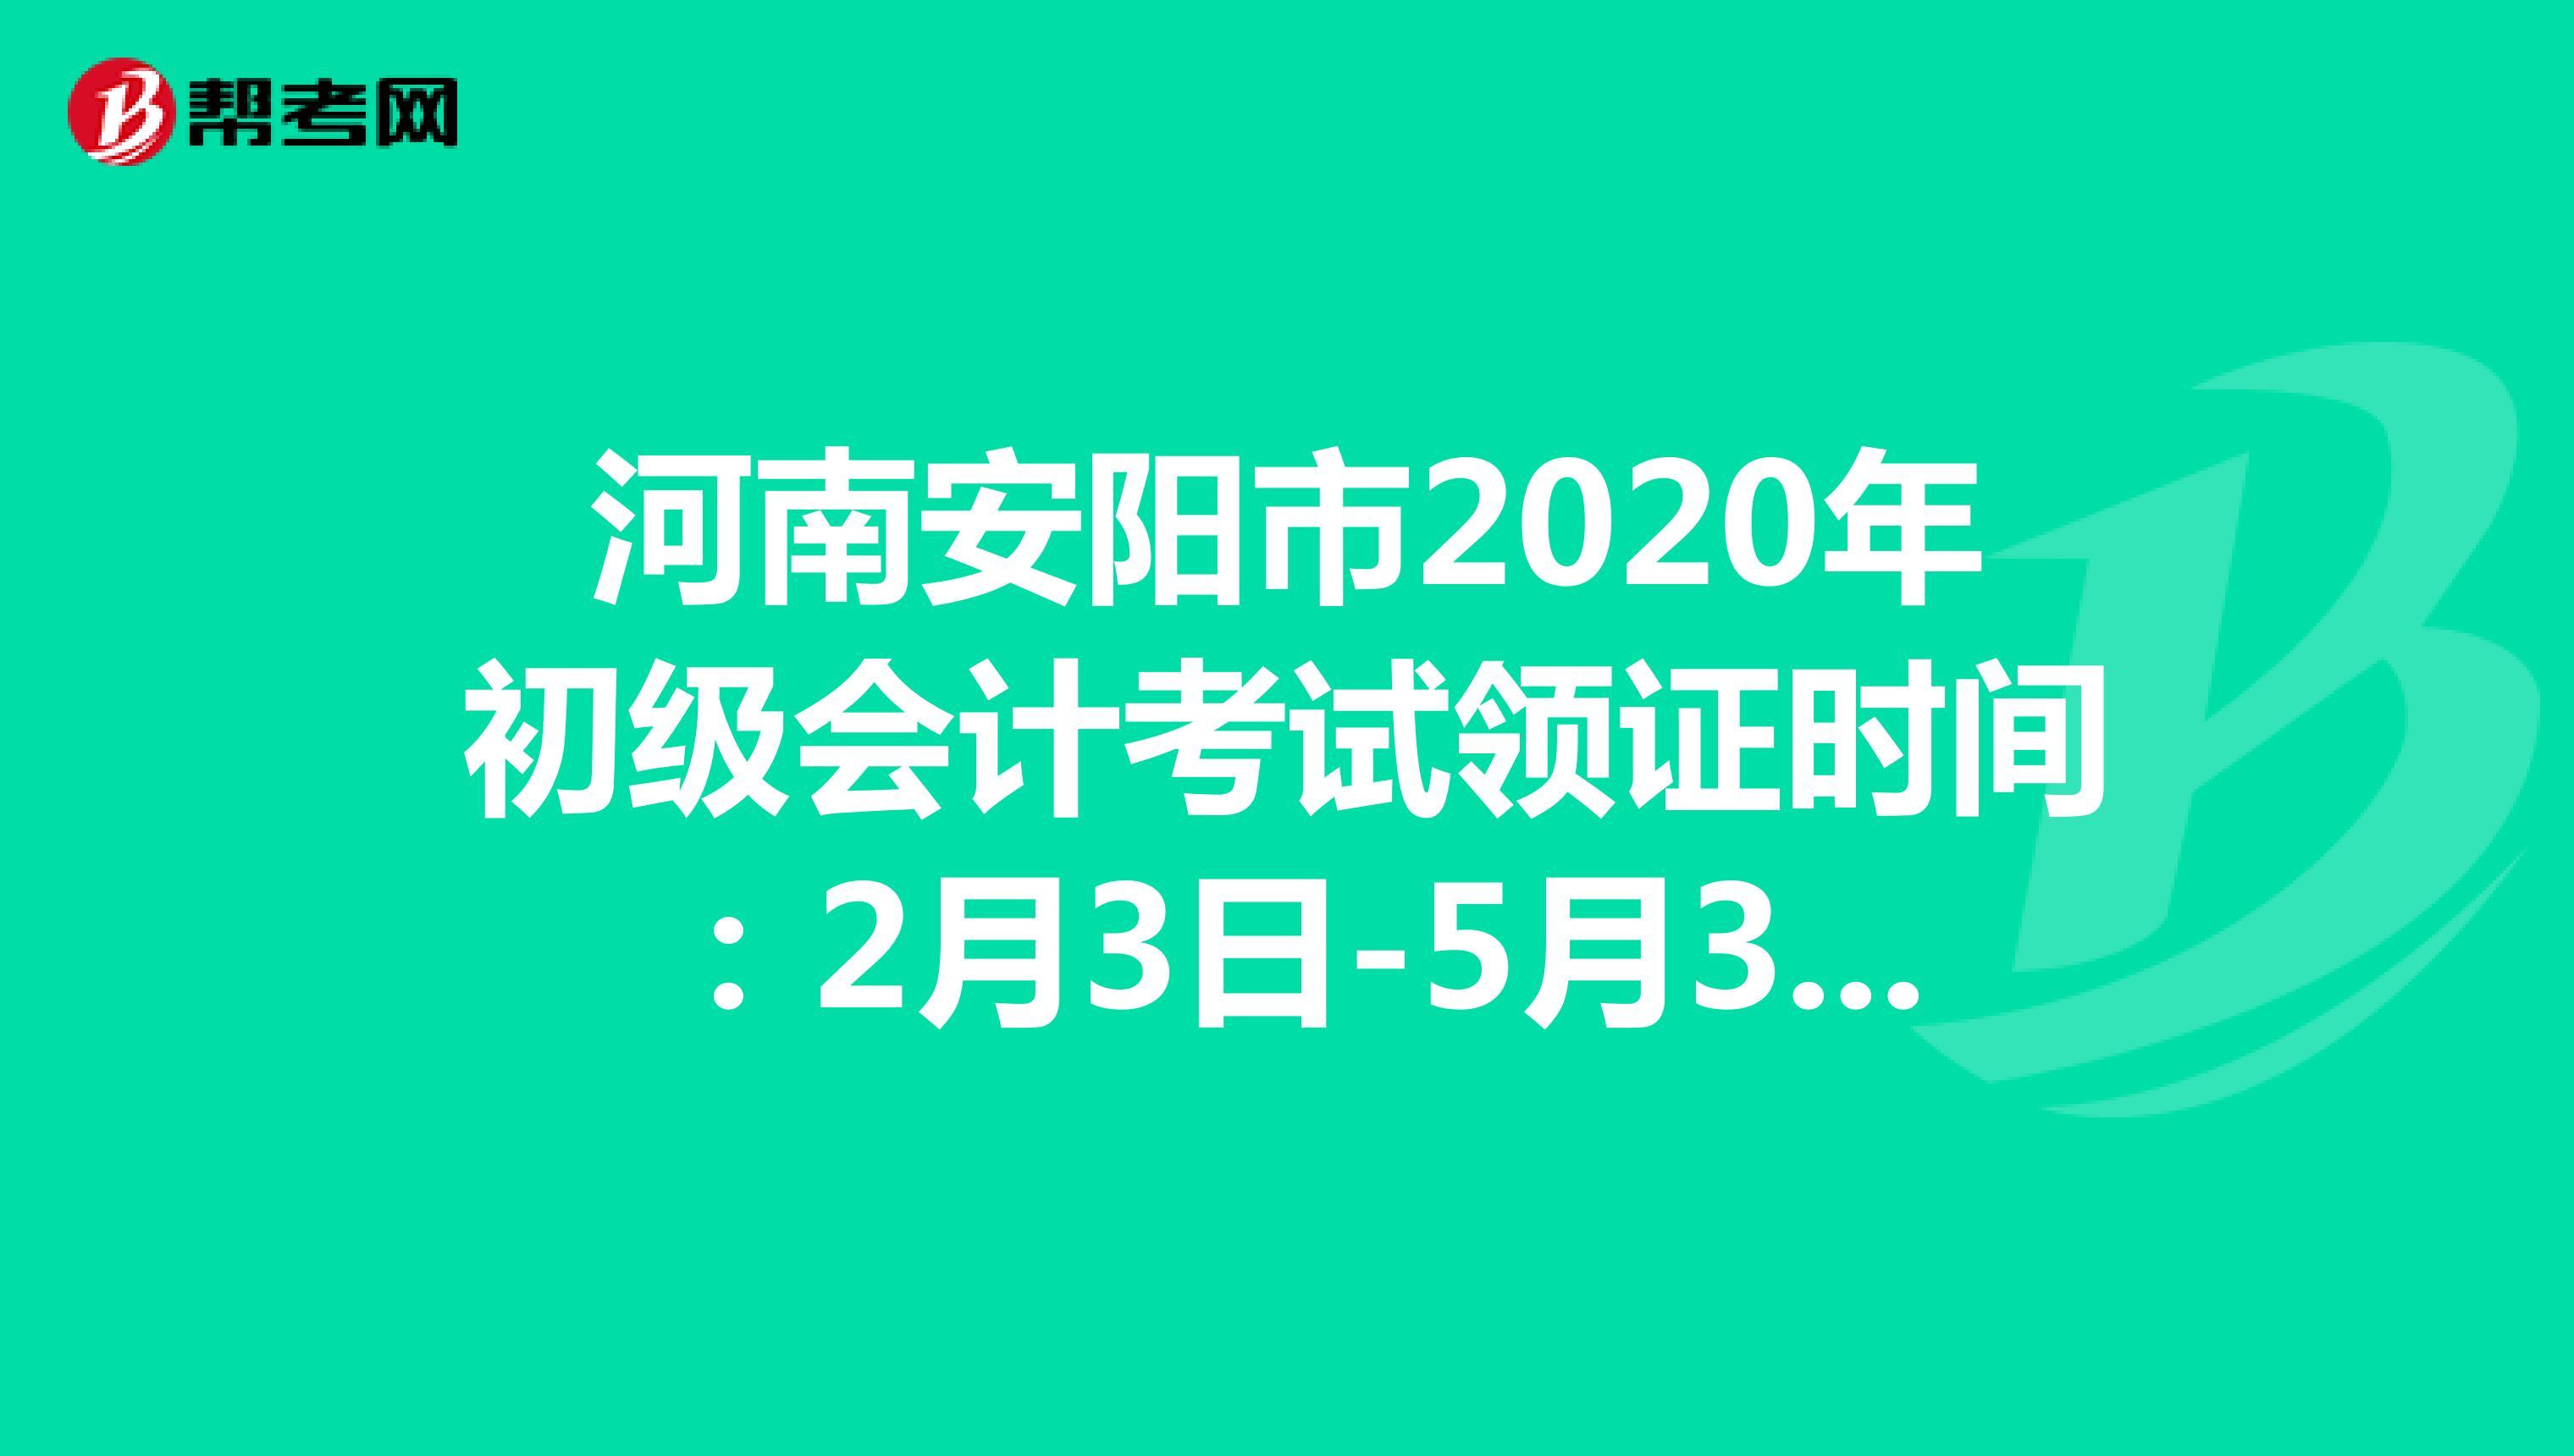 河南安阳市2020年初会考试领证时间:2月3日-5月31日